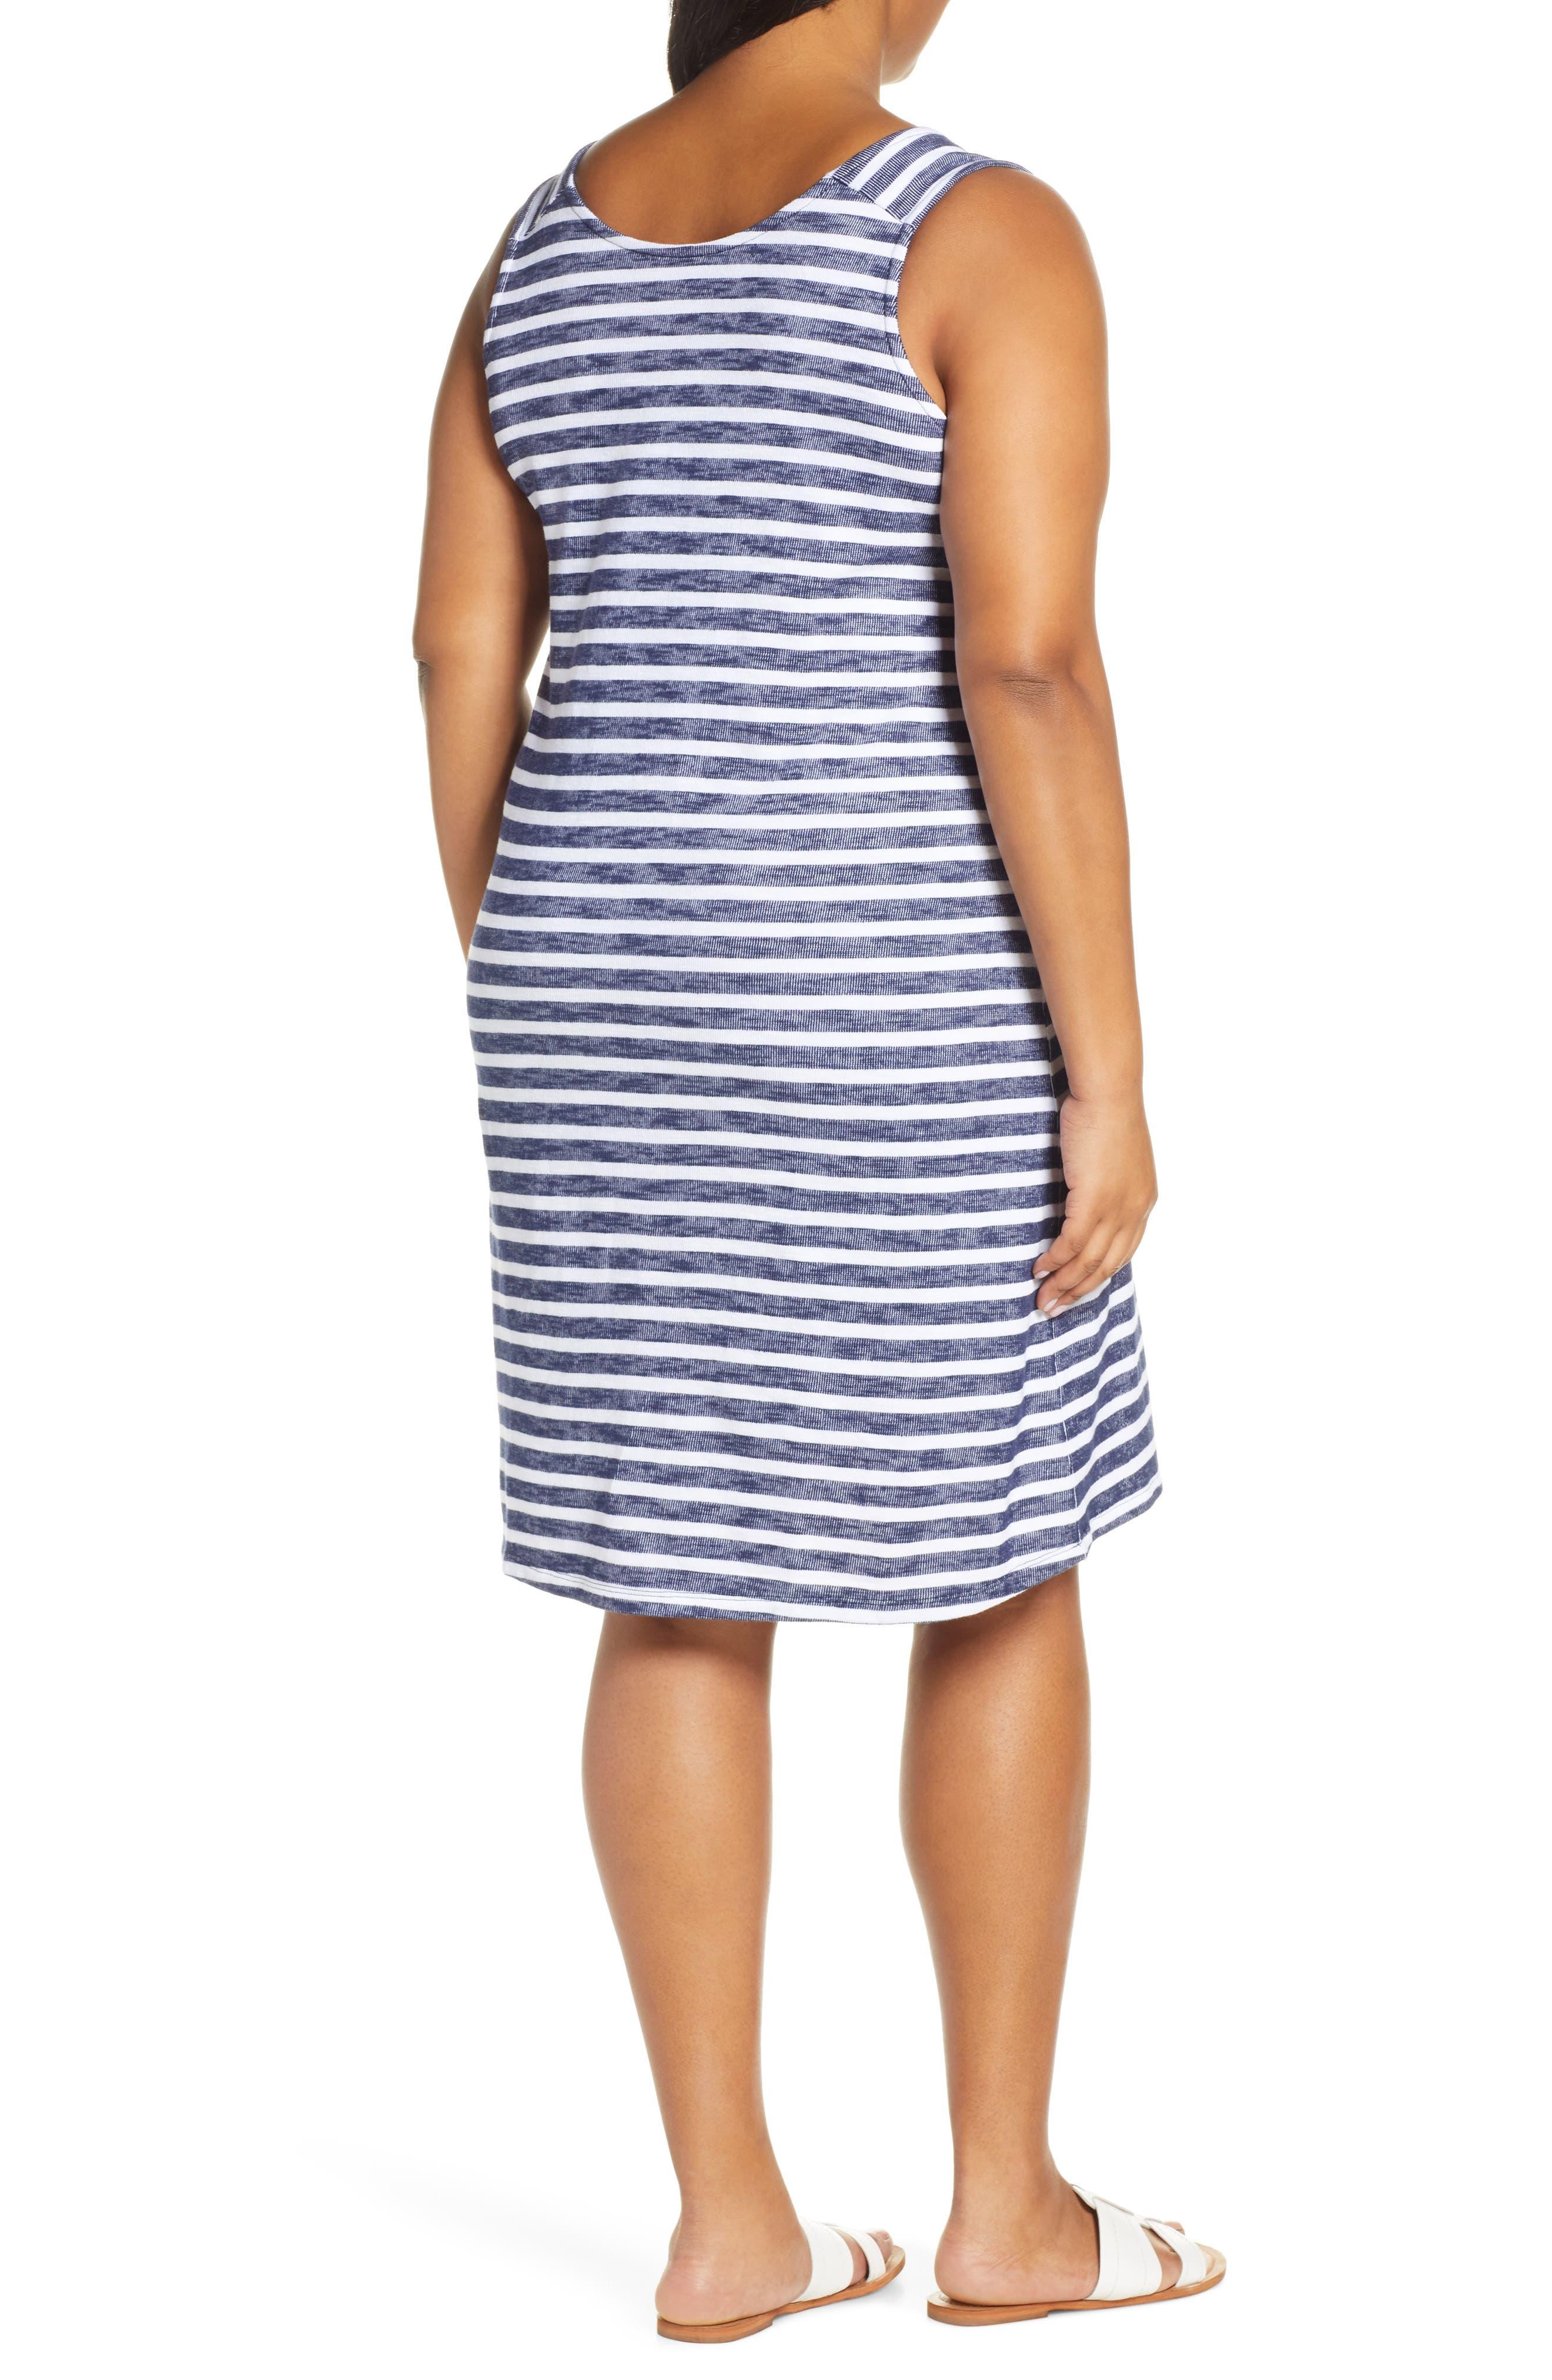 191784d011e2 Plus-Size Dresses | Nordstrom